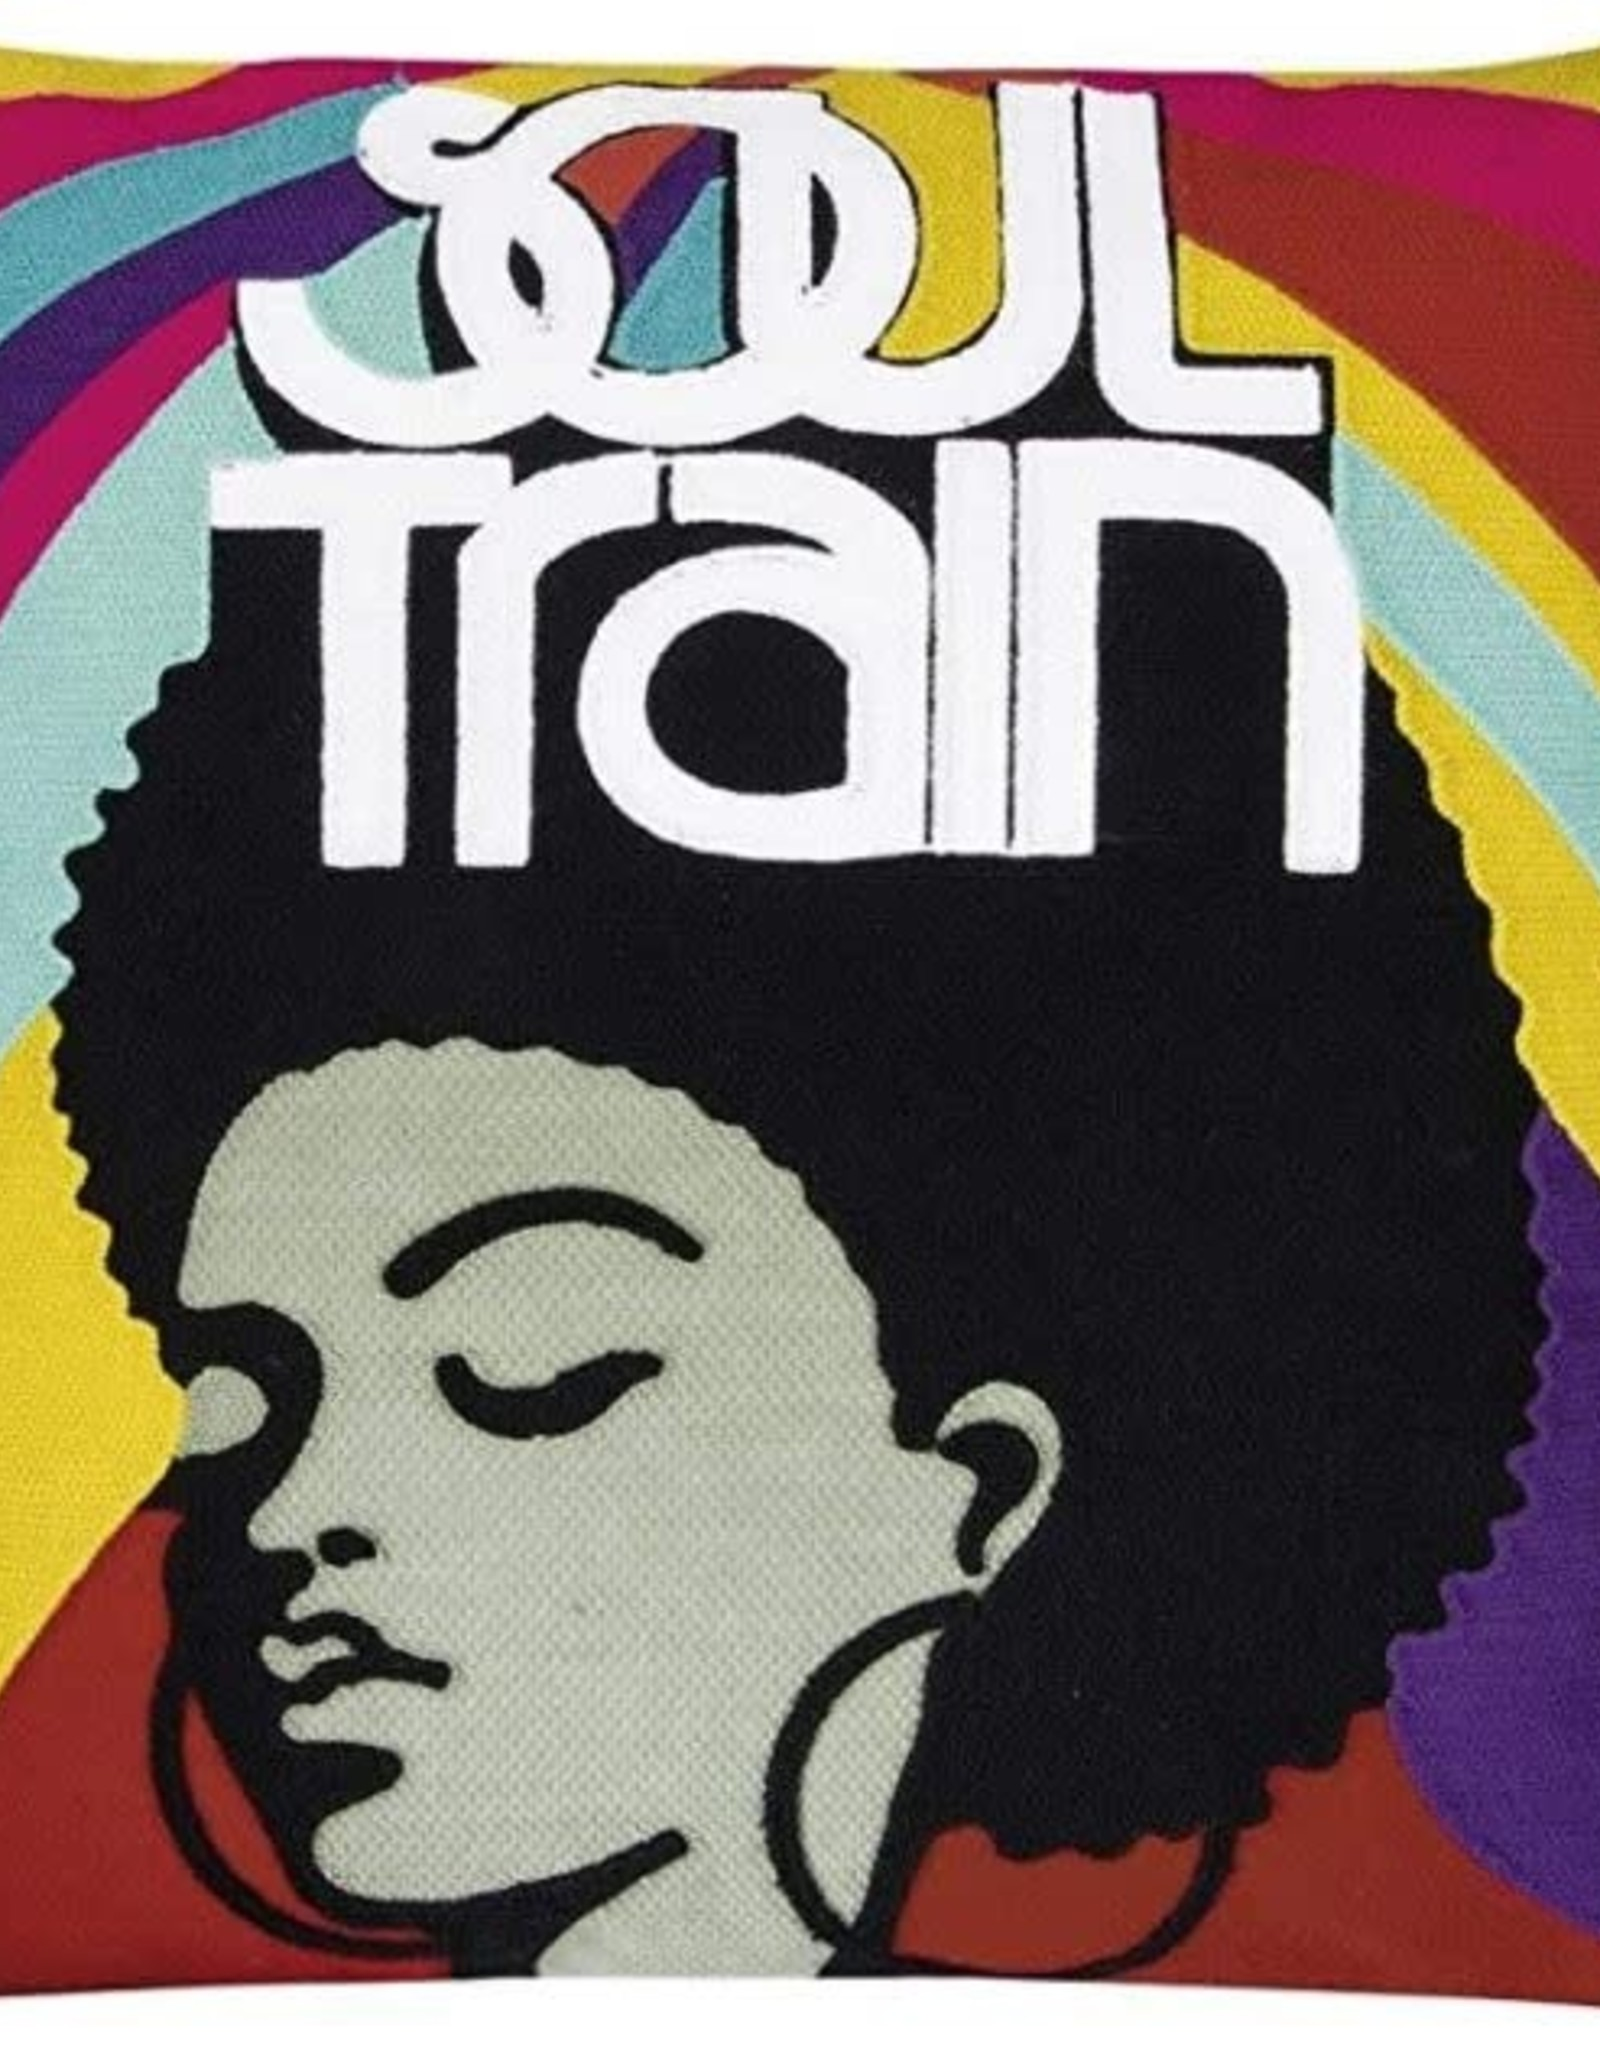 Pad Soul Train